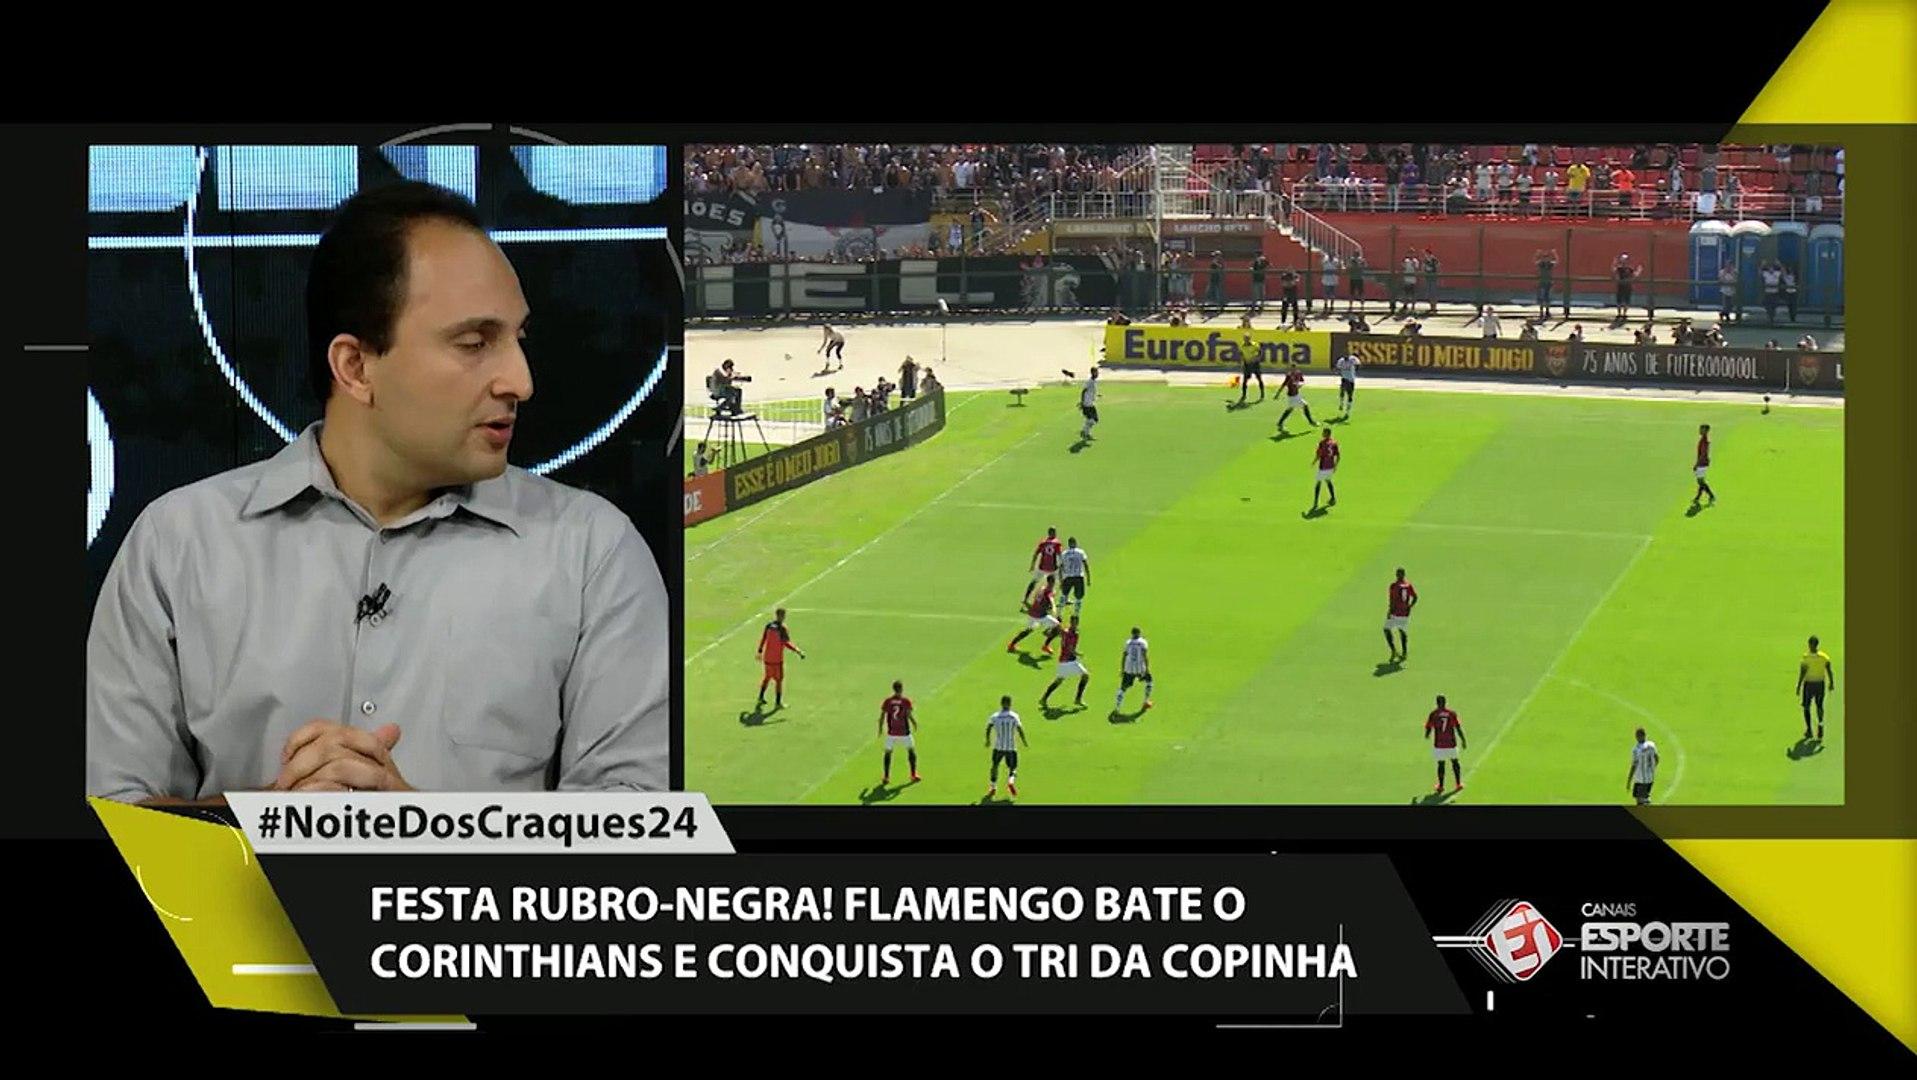 Quem pode render? Zico analisa o time do Flamengo campeão da Copa São Paulo de Futebol Júnior!